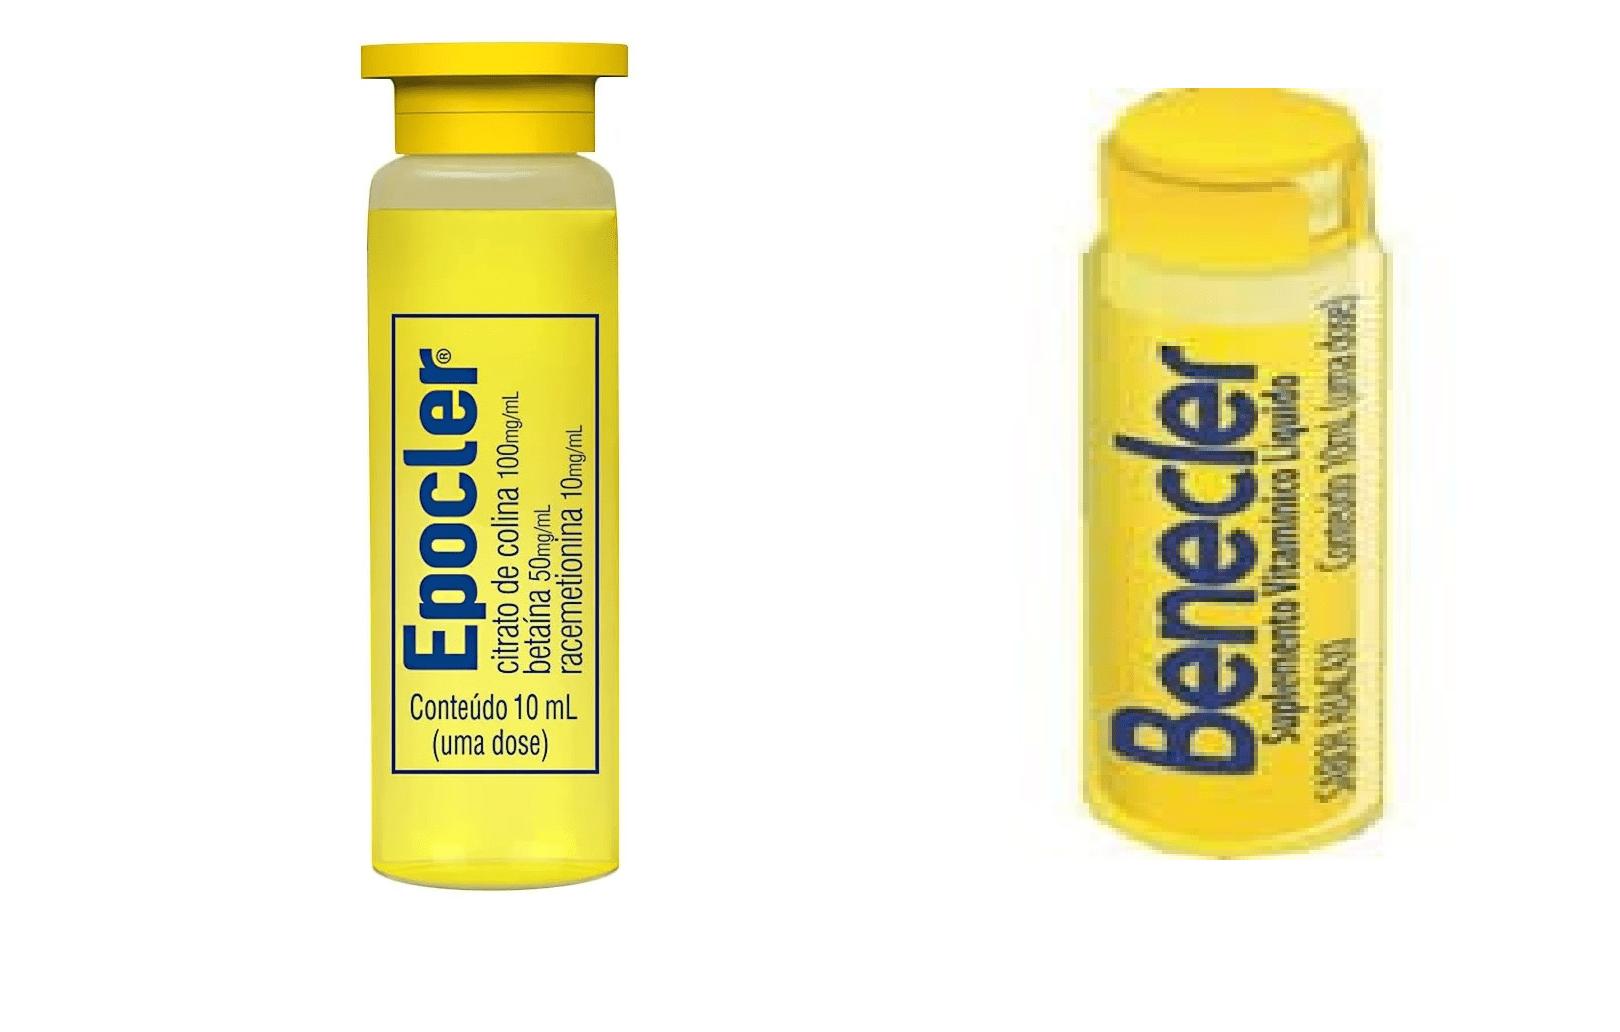 Concorrência desleal: TJSP condena farmacêutica por produto com trade-dress semelhante ao Epocler